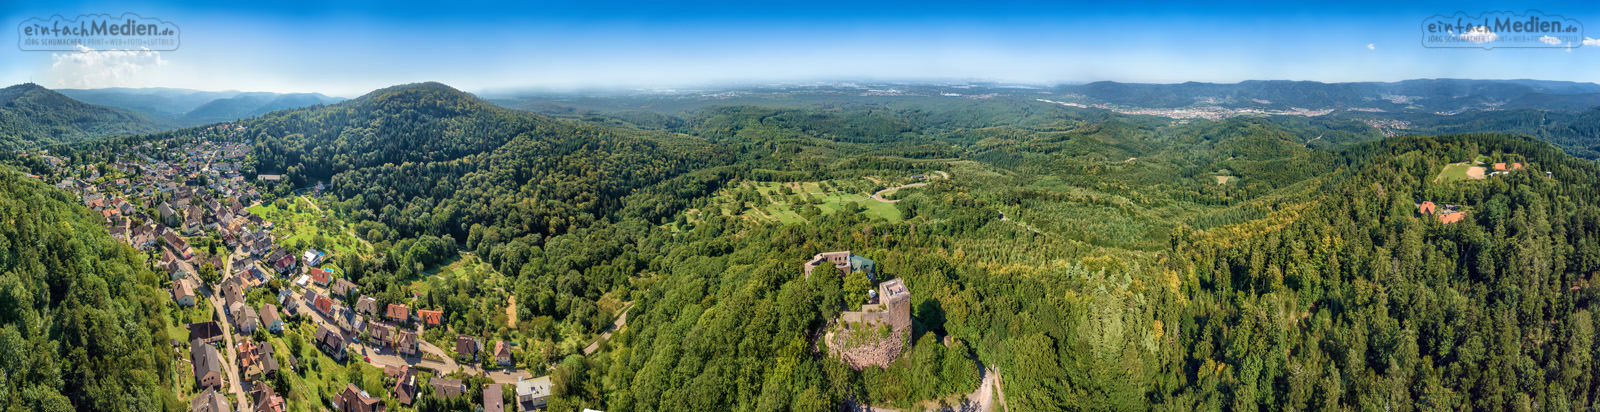 DSC7977_OK_Luftaufnahme_Panorama_Eberstein_Burg Luftbilder